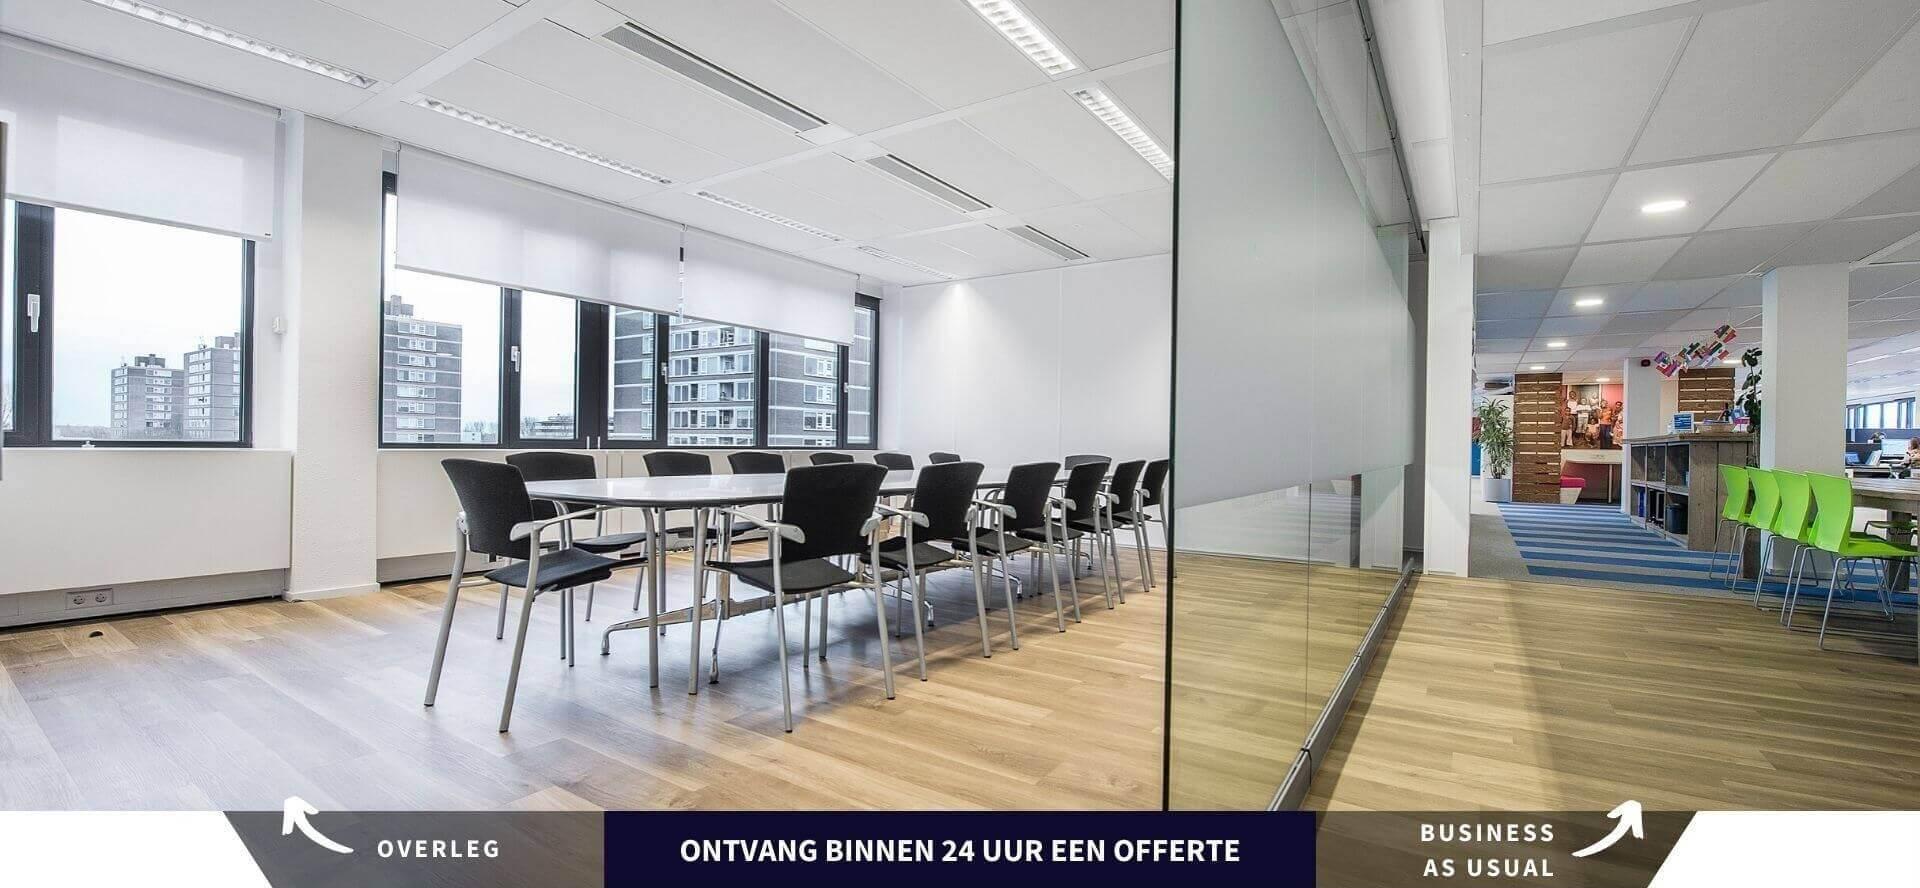 Mobiele Glaswand voor Vergaderingen op Kantoor